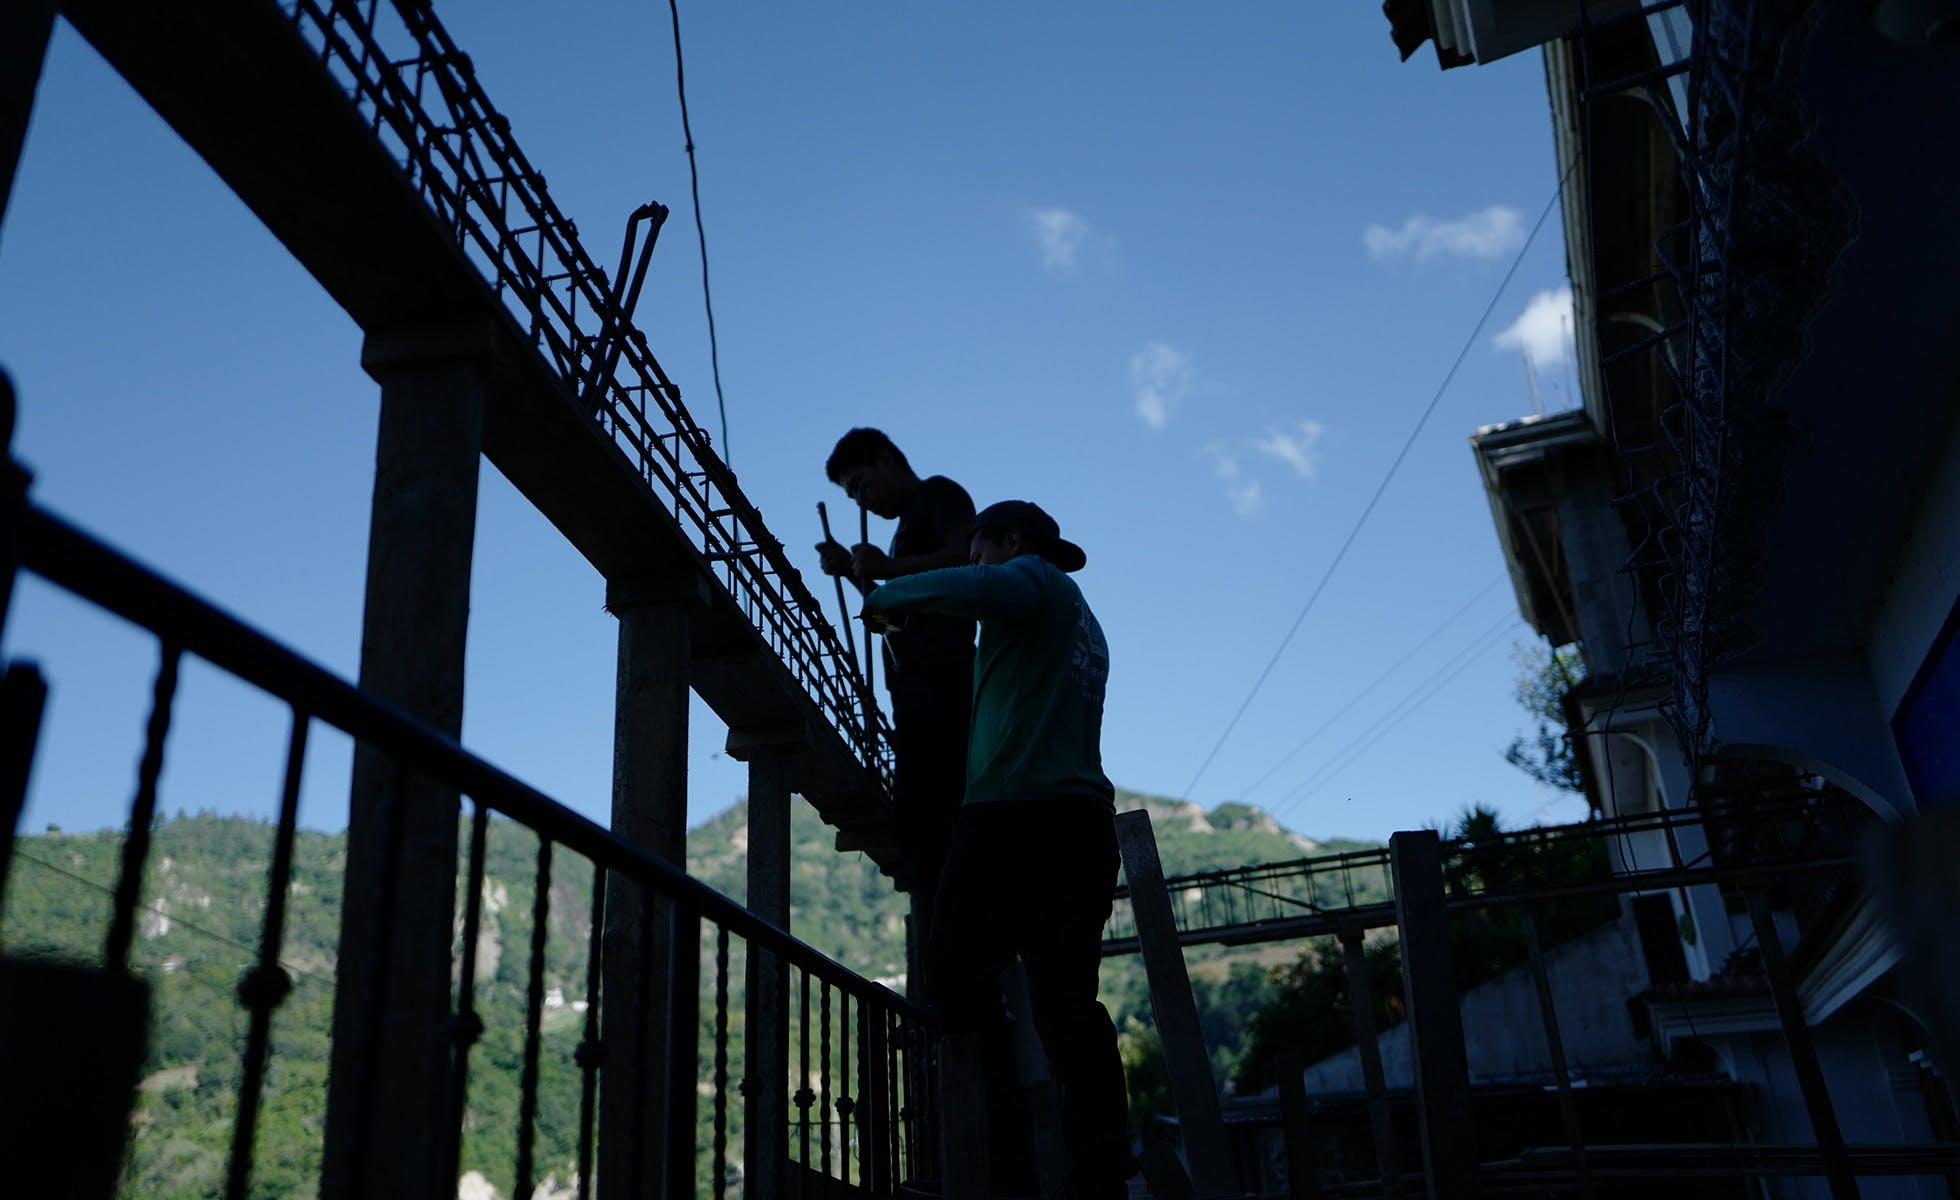 Después de estar deportado, Janio (en la parte superior de la imagen) regresó a trabajar en la construcción con su padre. Tiene que ganar dinero para pagar la deuda que contrajo para hacer su viaje a EU. Foto Morena Pérez Joachin.